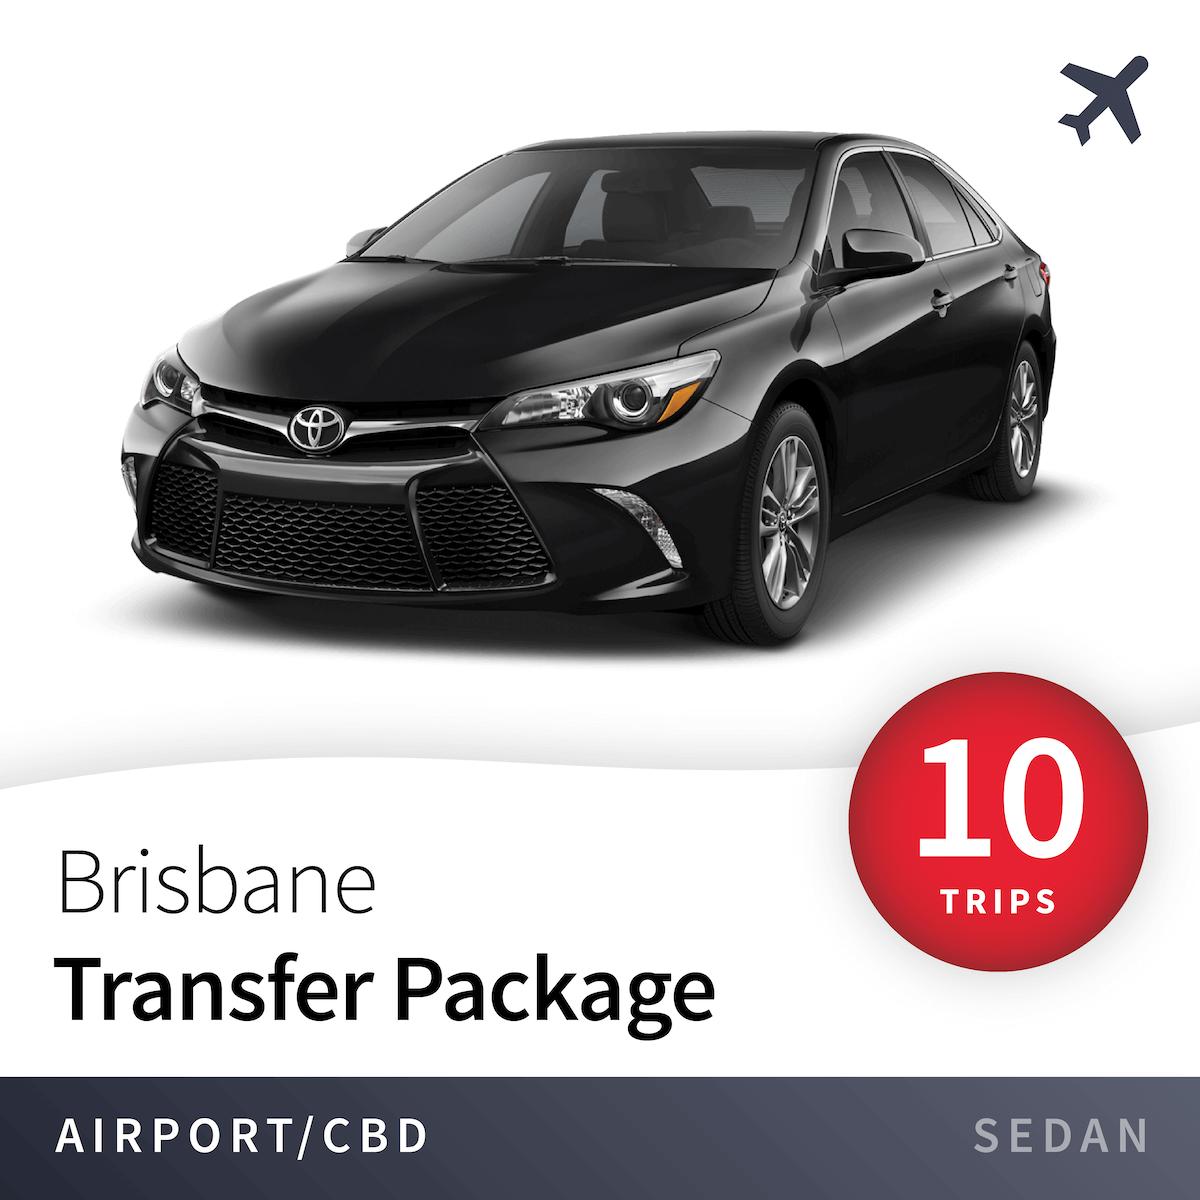 Brisbane Airport Transfer Package - Sedan (10 Trips) 7